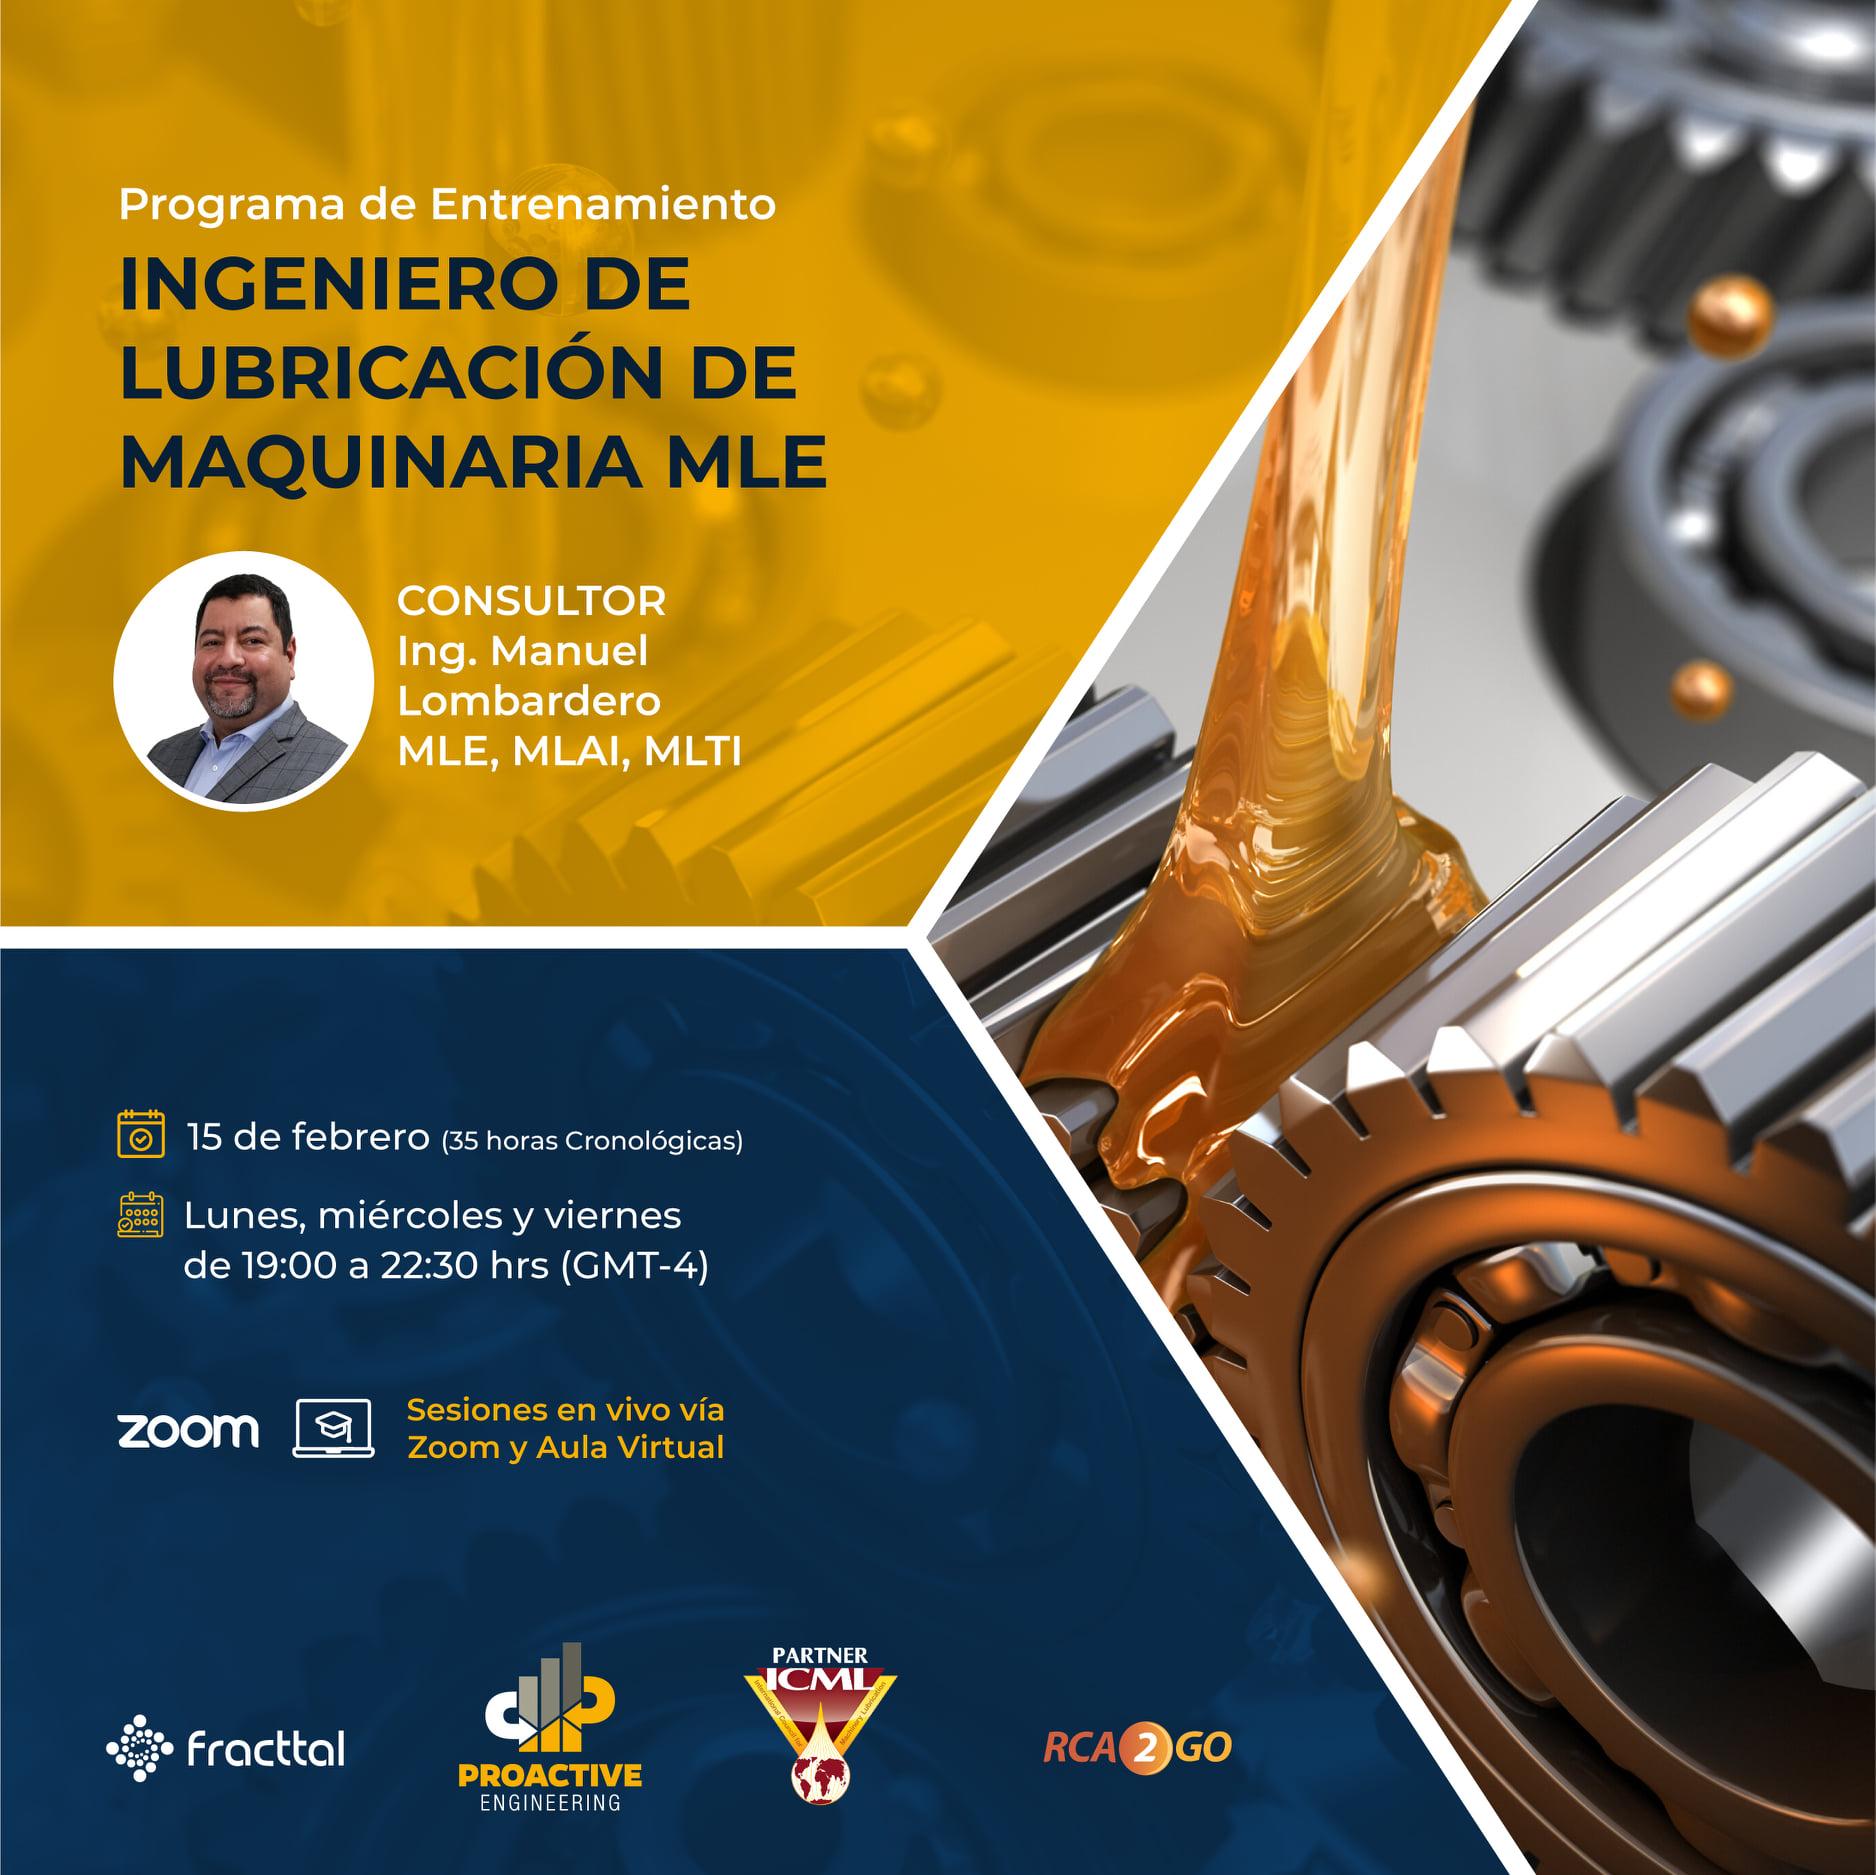 Programa de Entrenamiento MLE - Ingeniero en Lubricación de Maquinaria